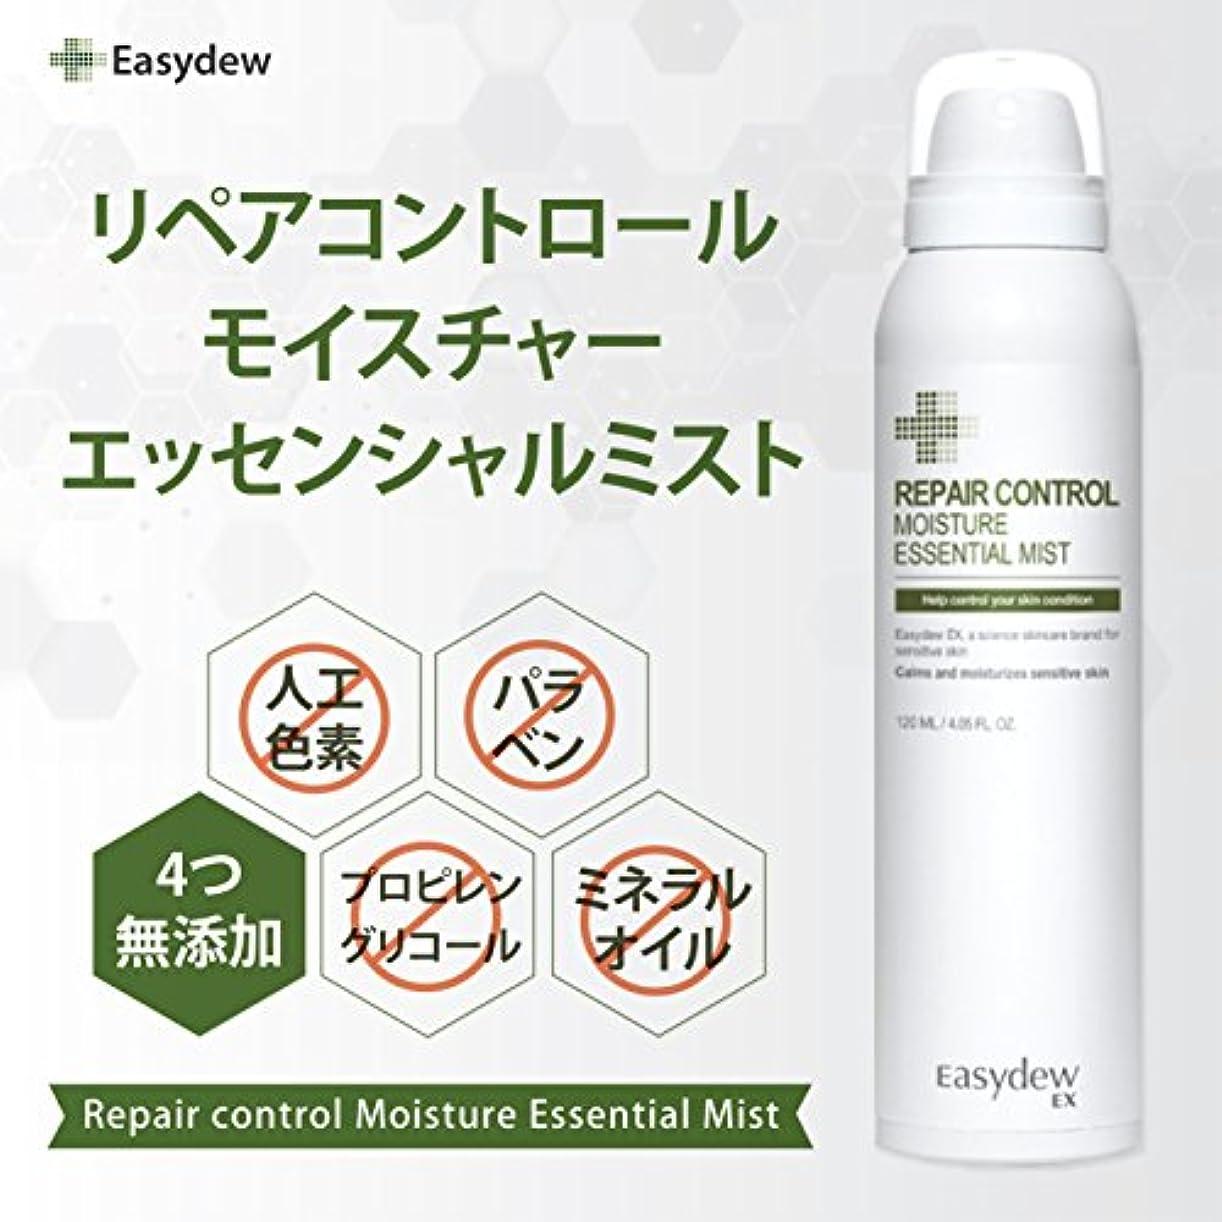 メディアアルファベット順鉱石EASYDEW EX リペア コントロール モイスチャー エッセンシャル ミスト Repair Control Moisture Essential Mist 120ml